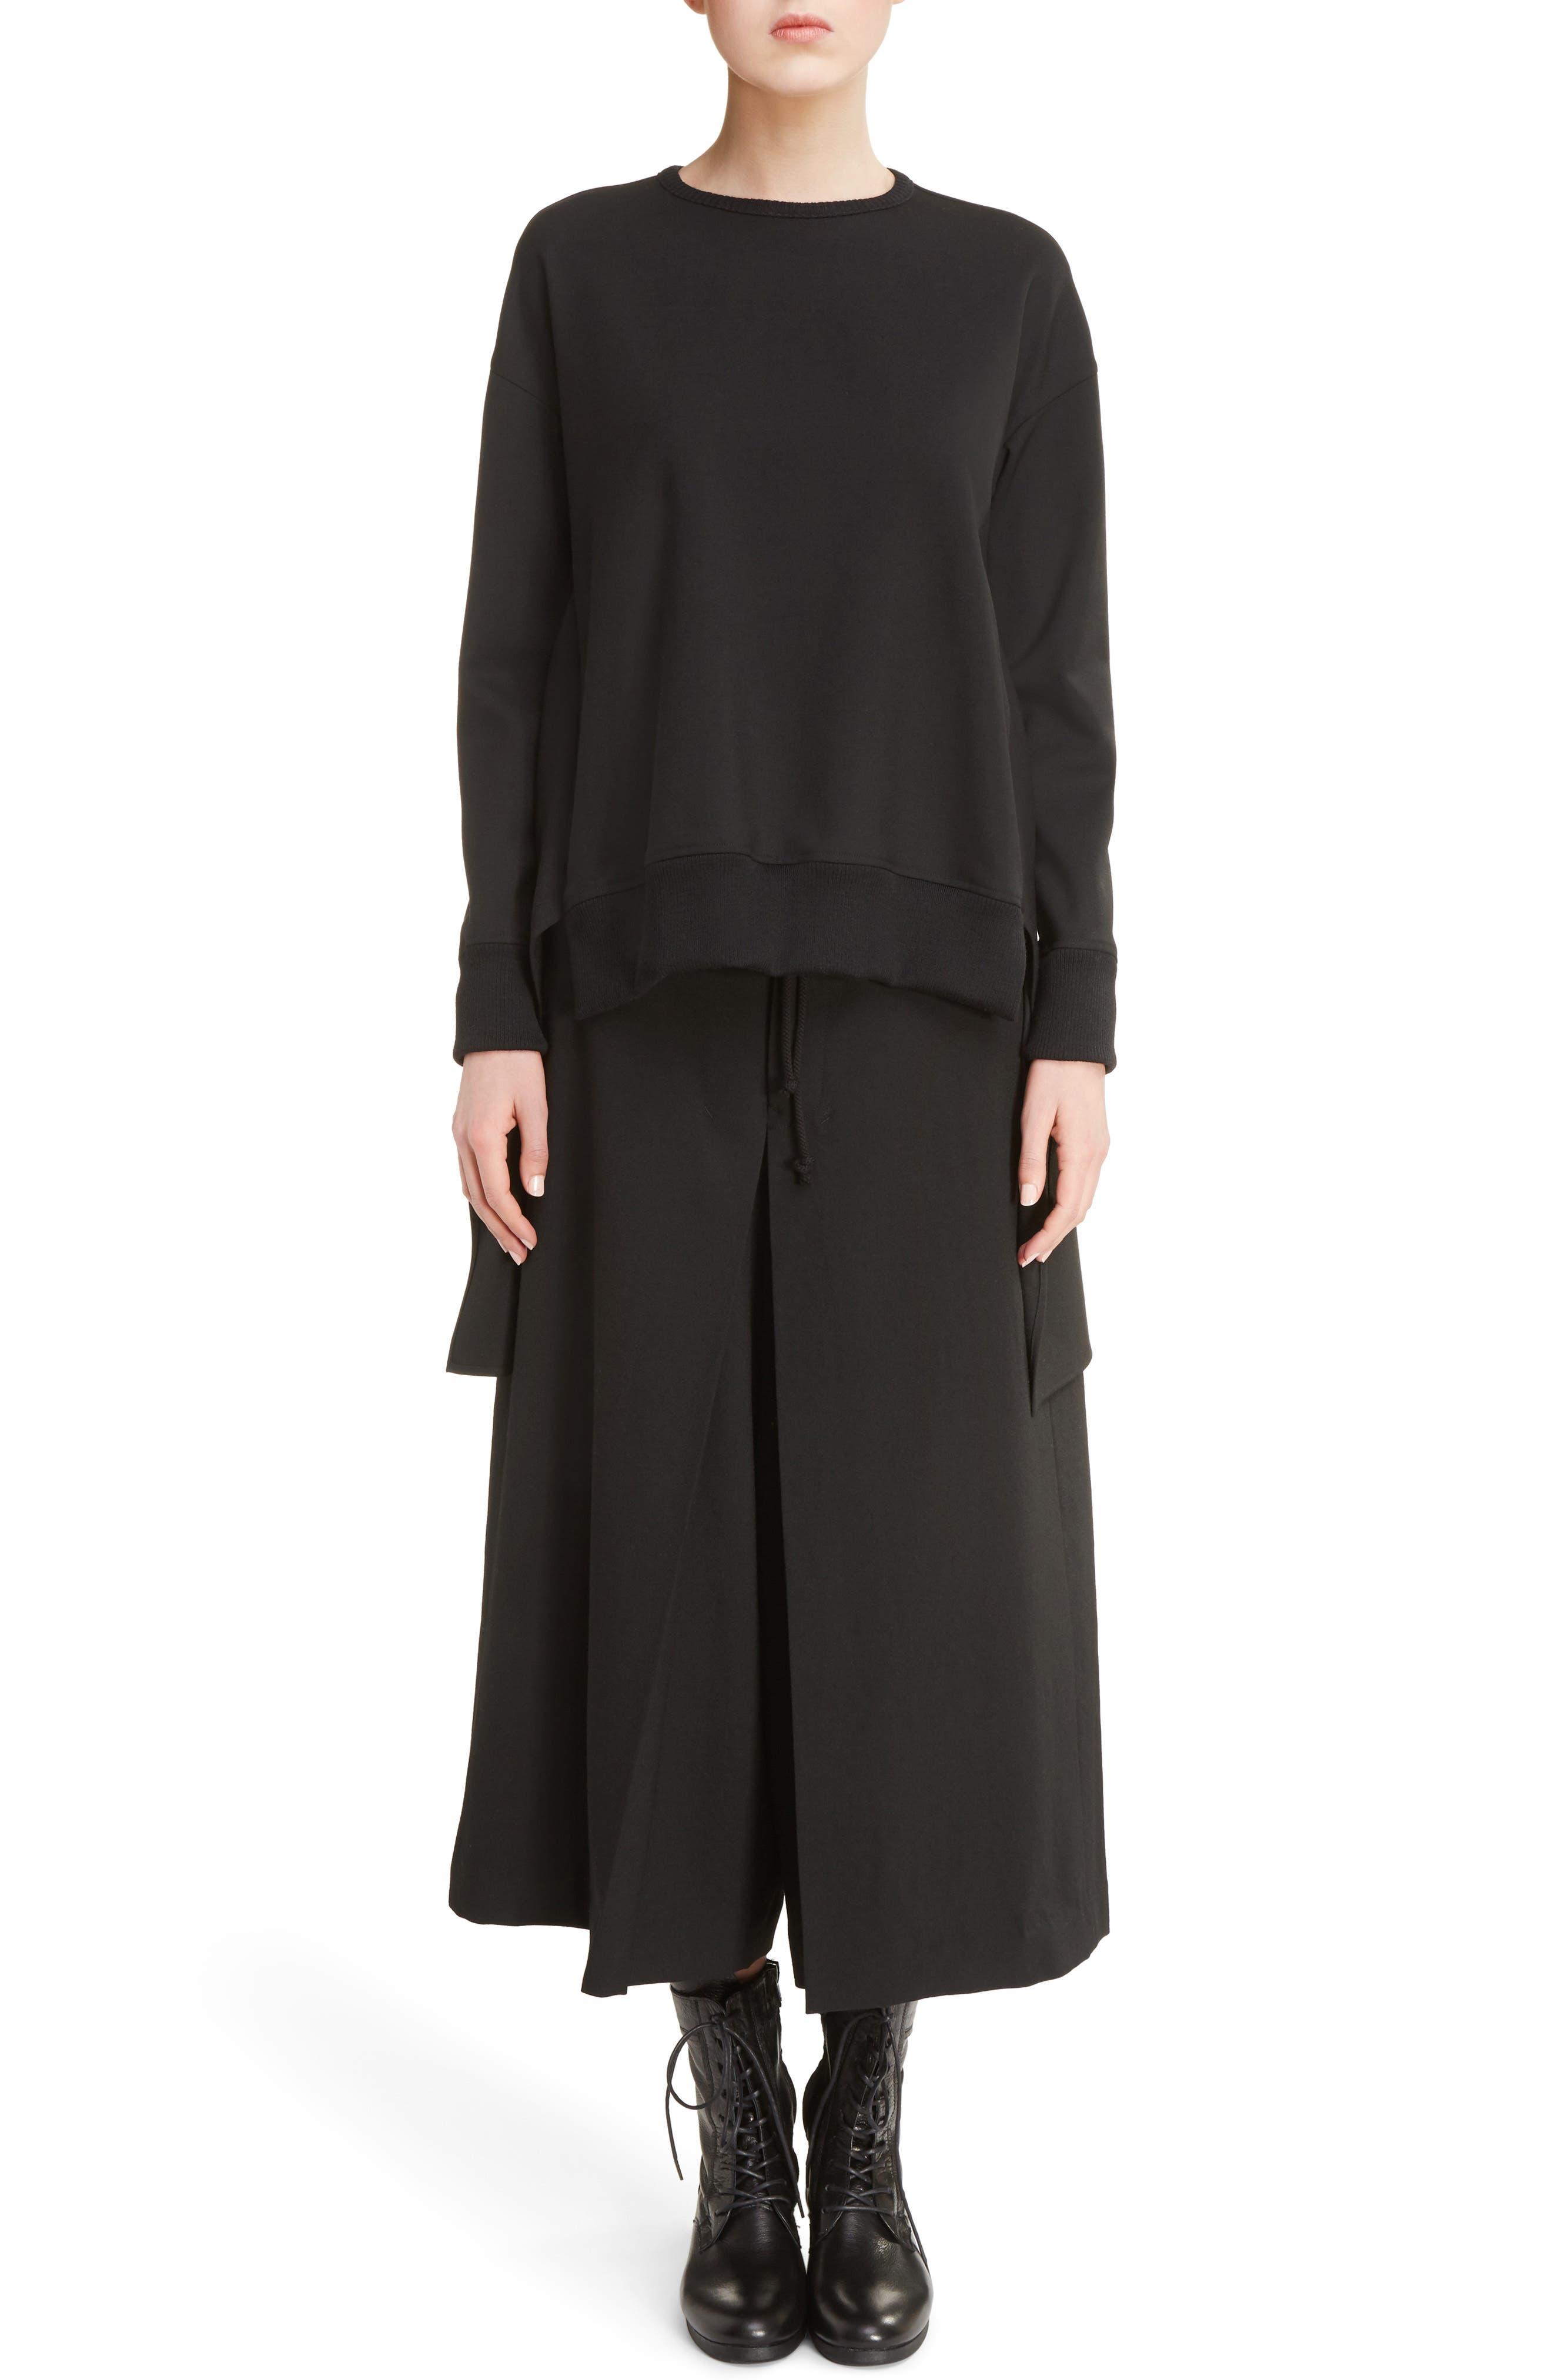 K Bottom Pleated Dress,                             Alternate thumbnail 7, color,                             Black